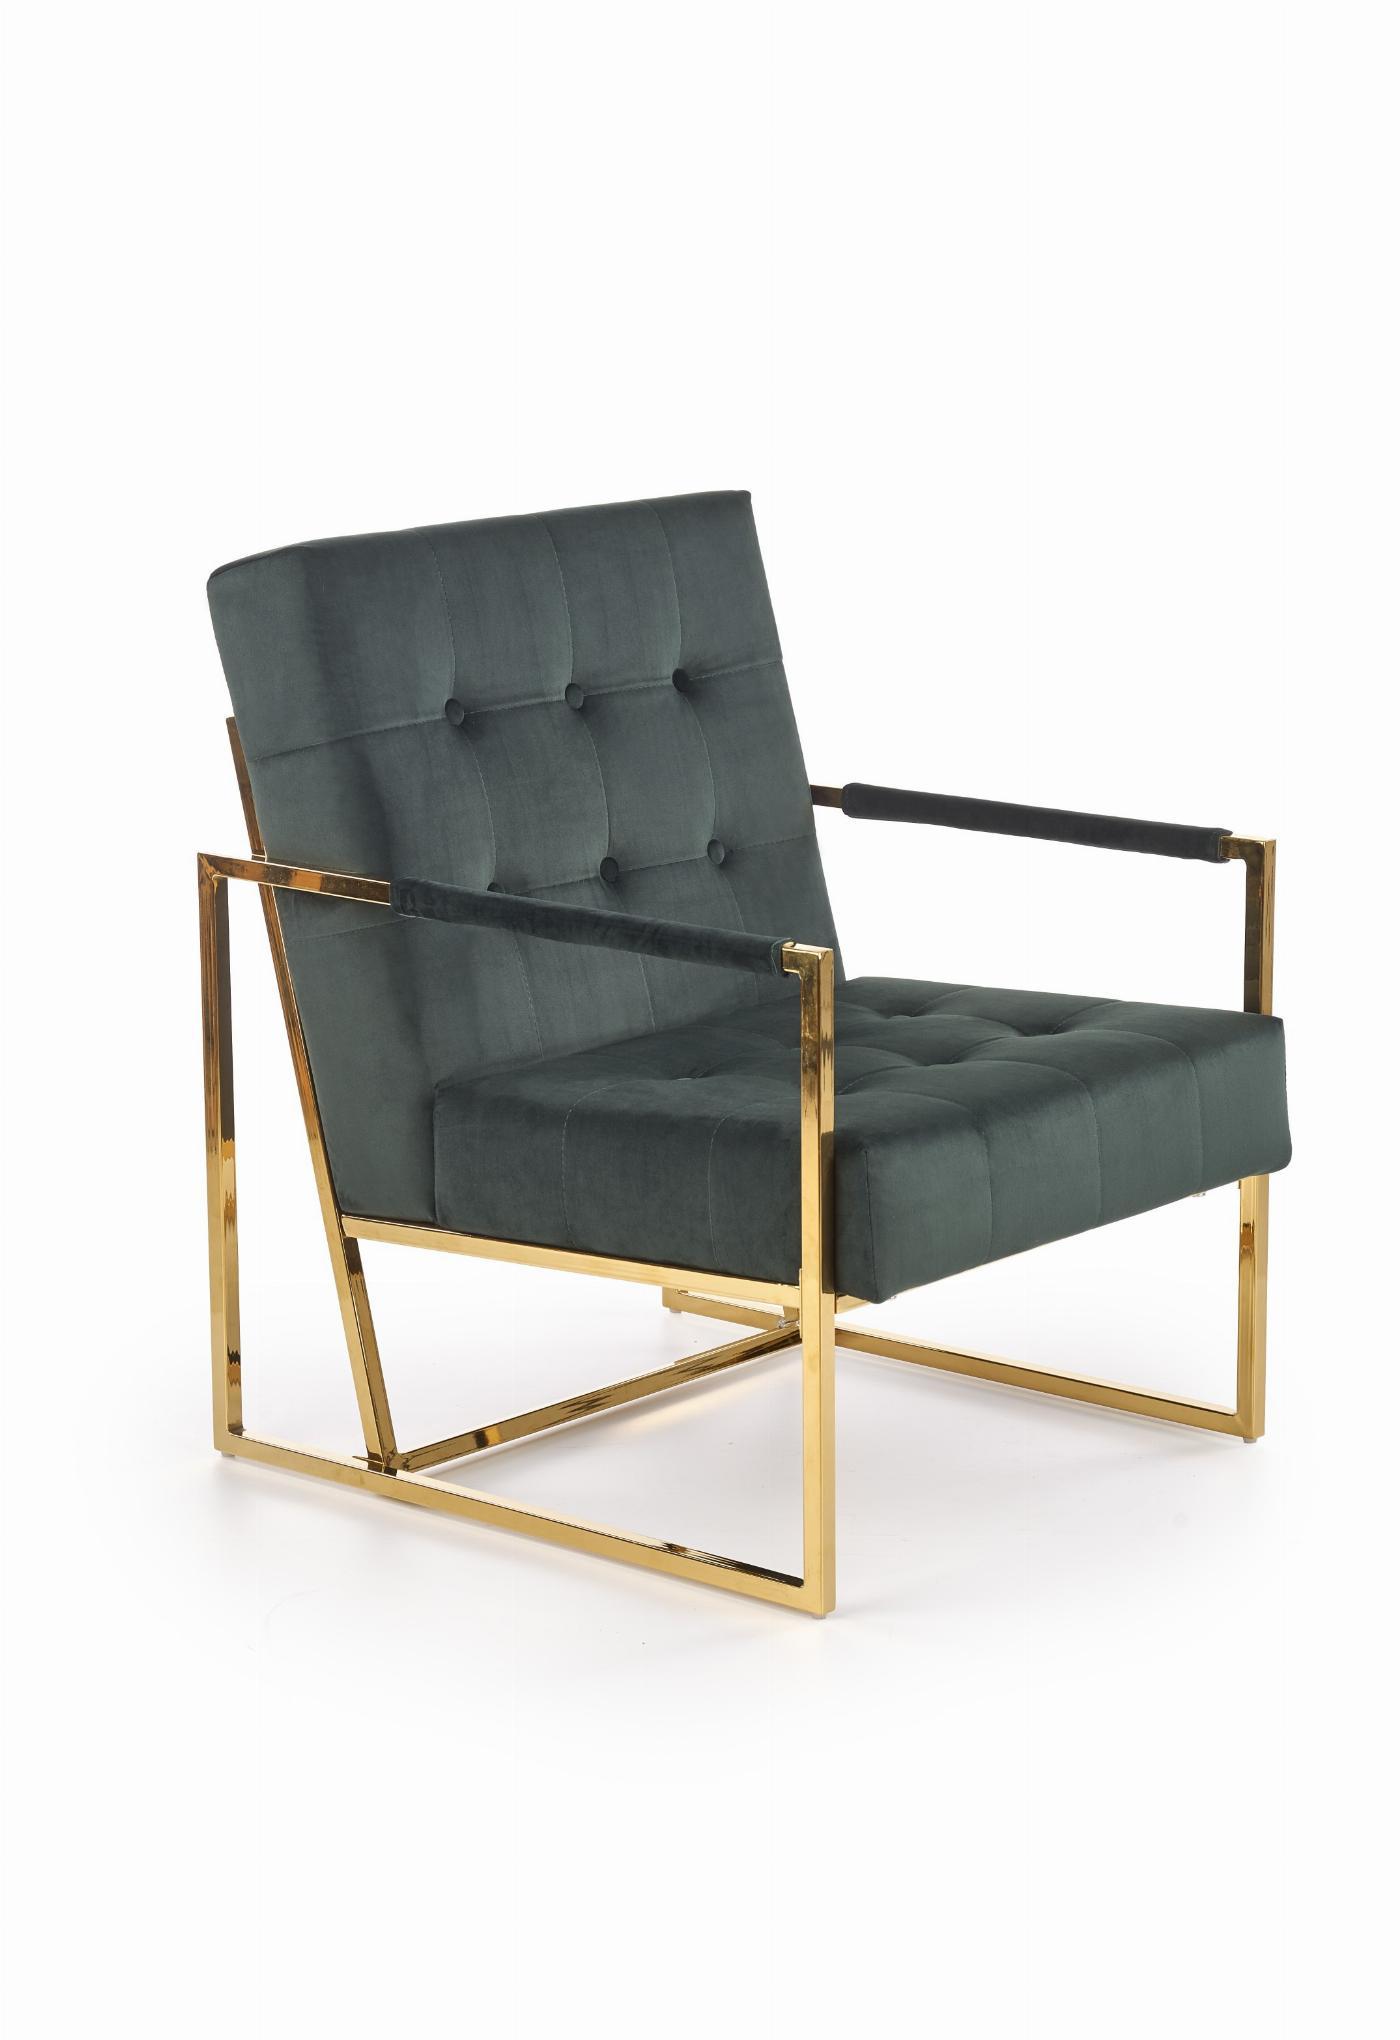 PRIUS fotel wypoczynkowy, tapicerka - ciemny zielony, stelaż - złoty